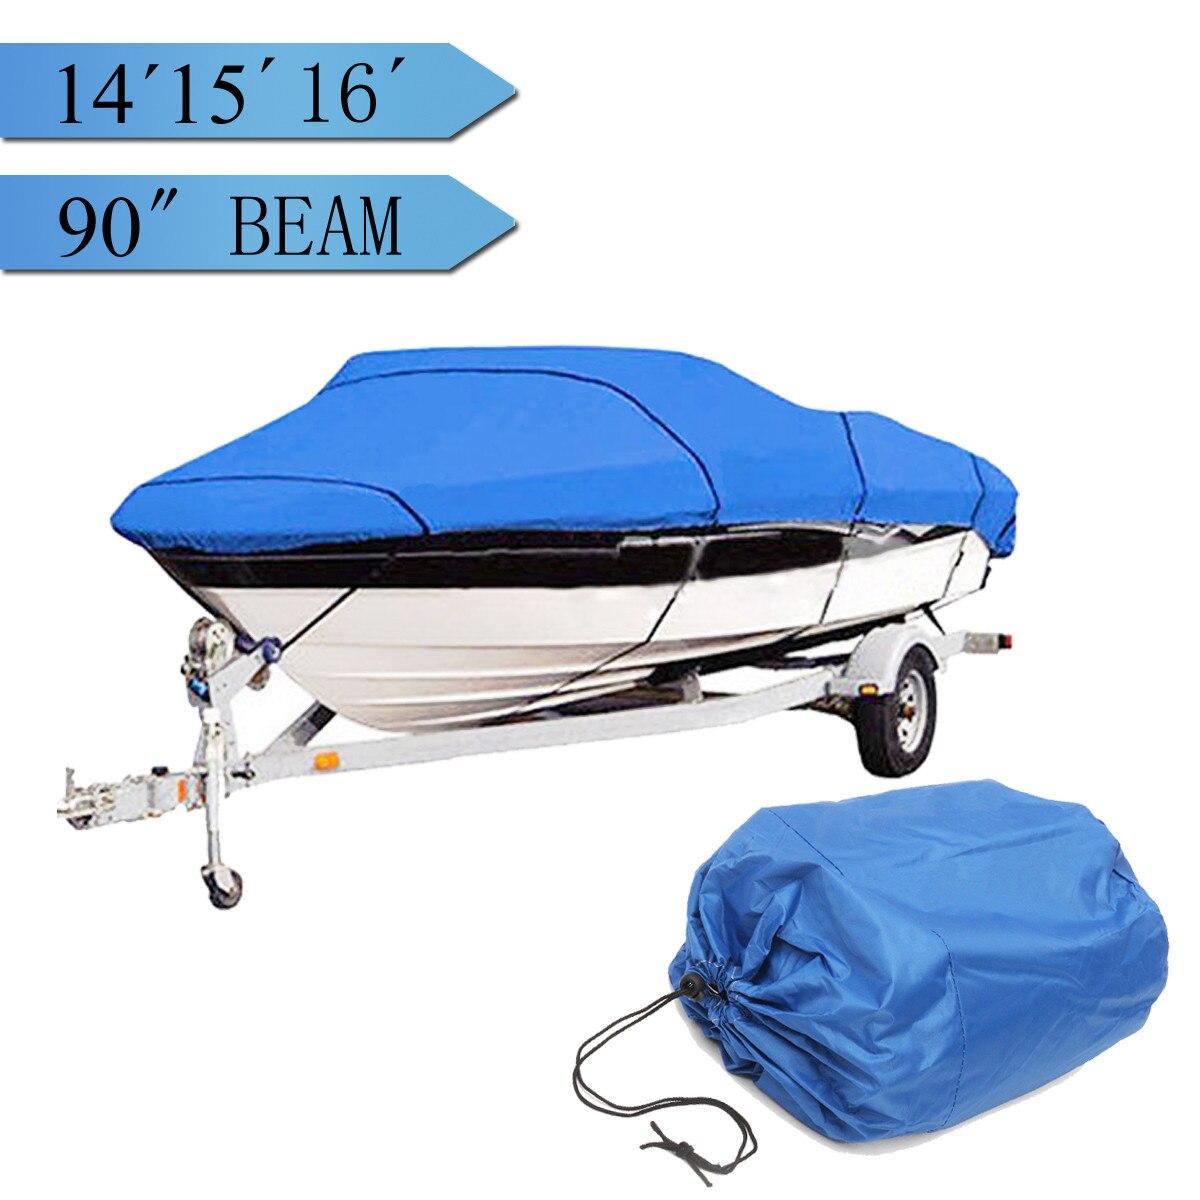 Lourd 14-16ft faisceau 90 pouces traînable 210D Marine Grade bateau couverture imperméable UV protecteur bleu